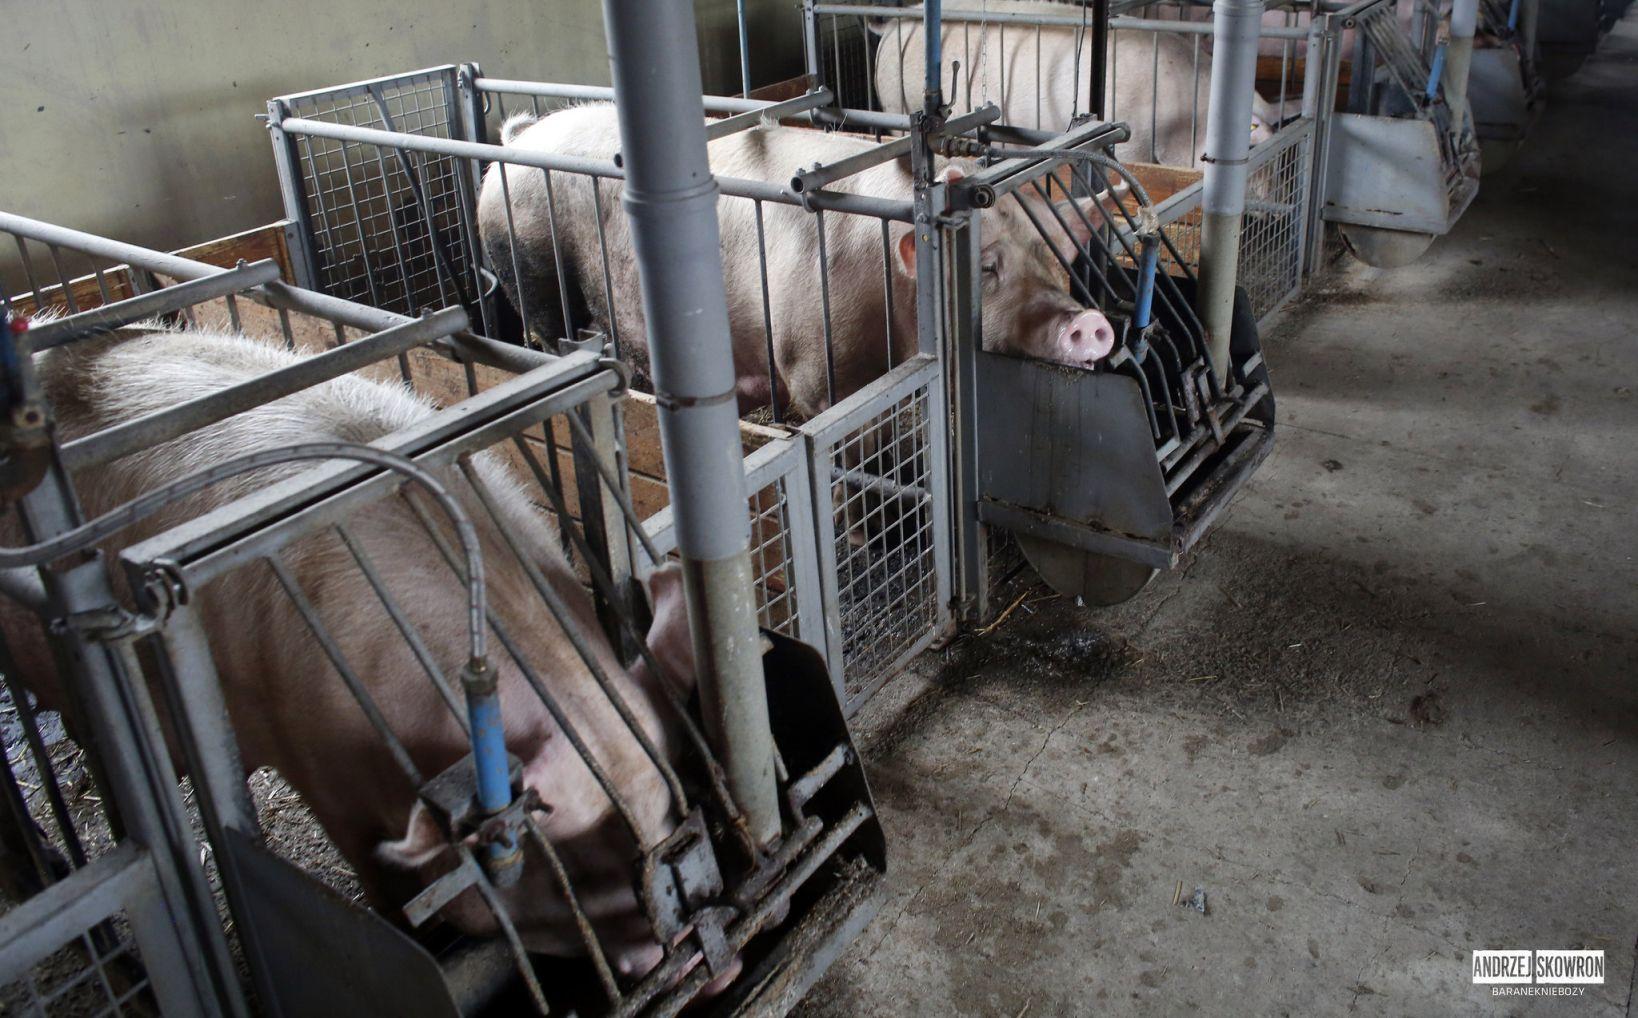 Fermă de porci din Polonia 2017. Foto: Open Cages